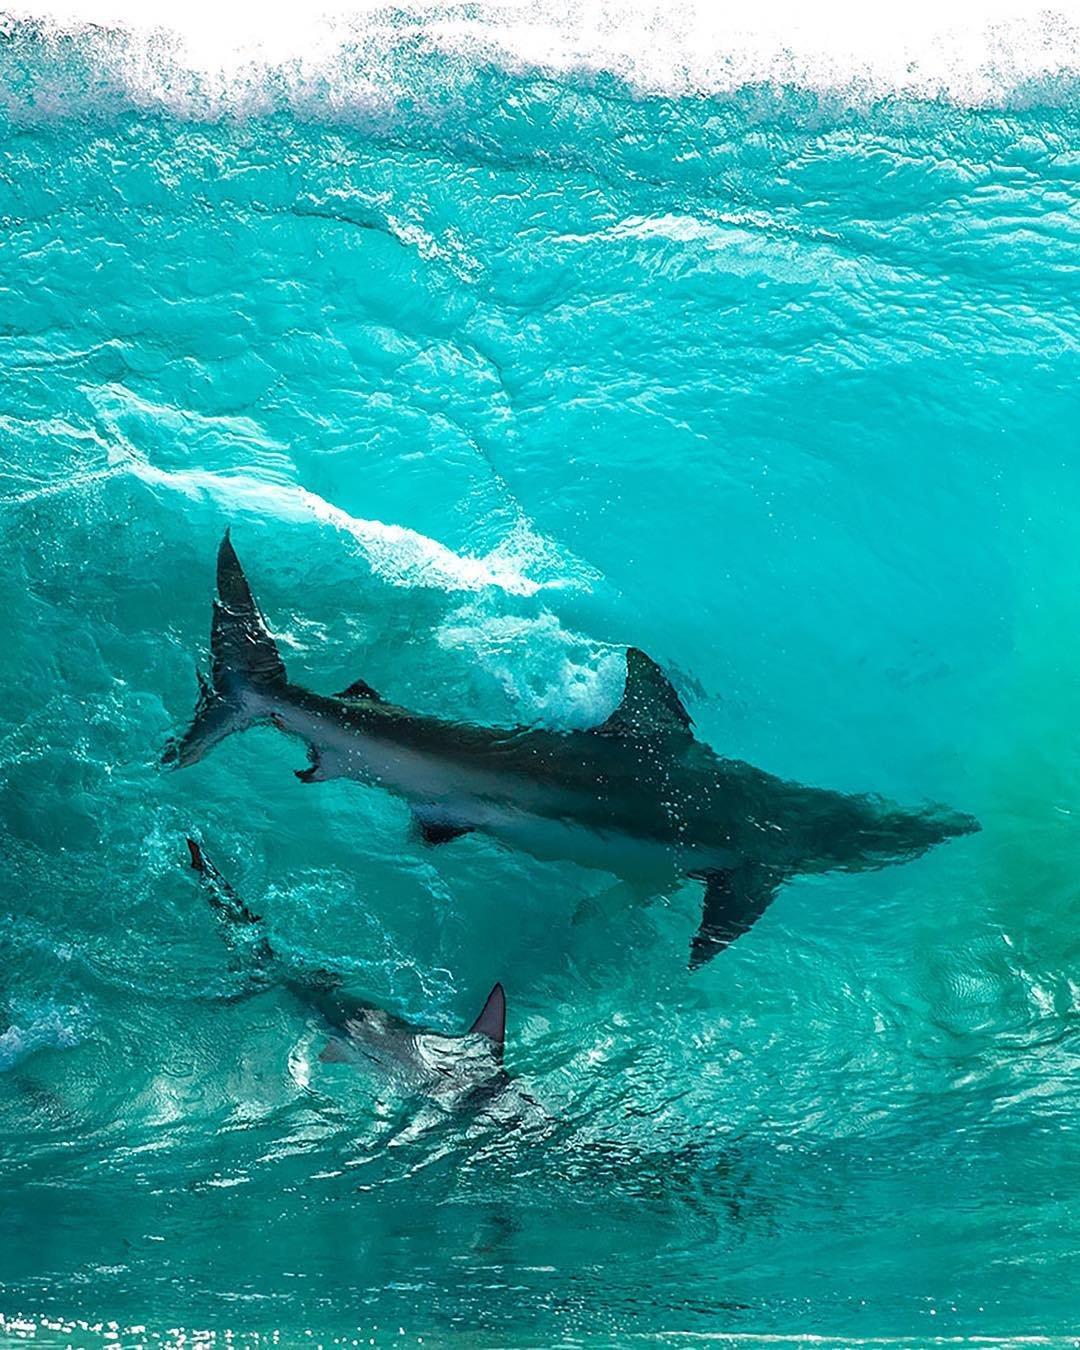 картинки акул на поверхности океана